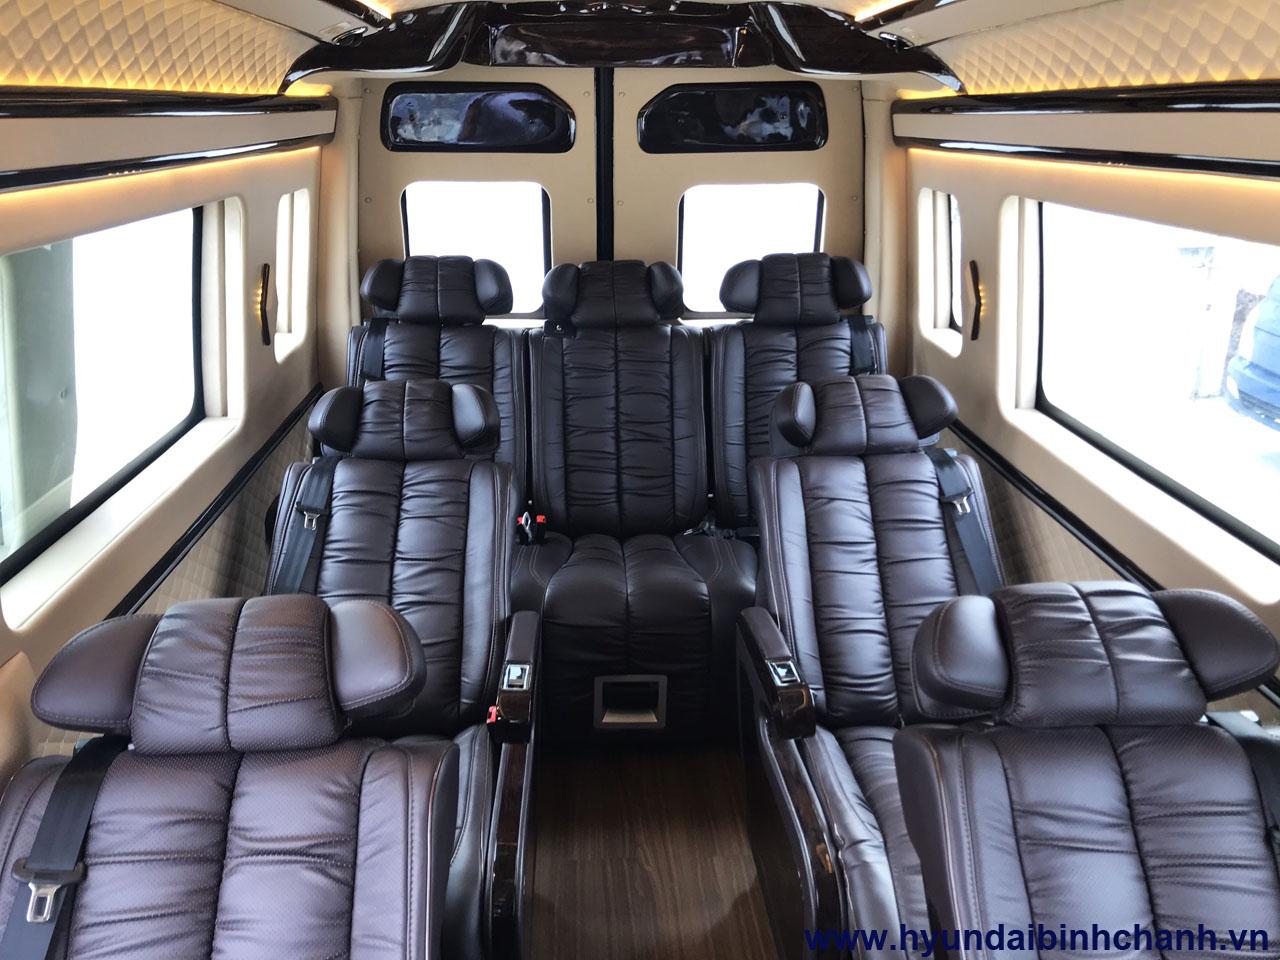 solati-limousine-01.jpg